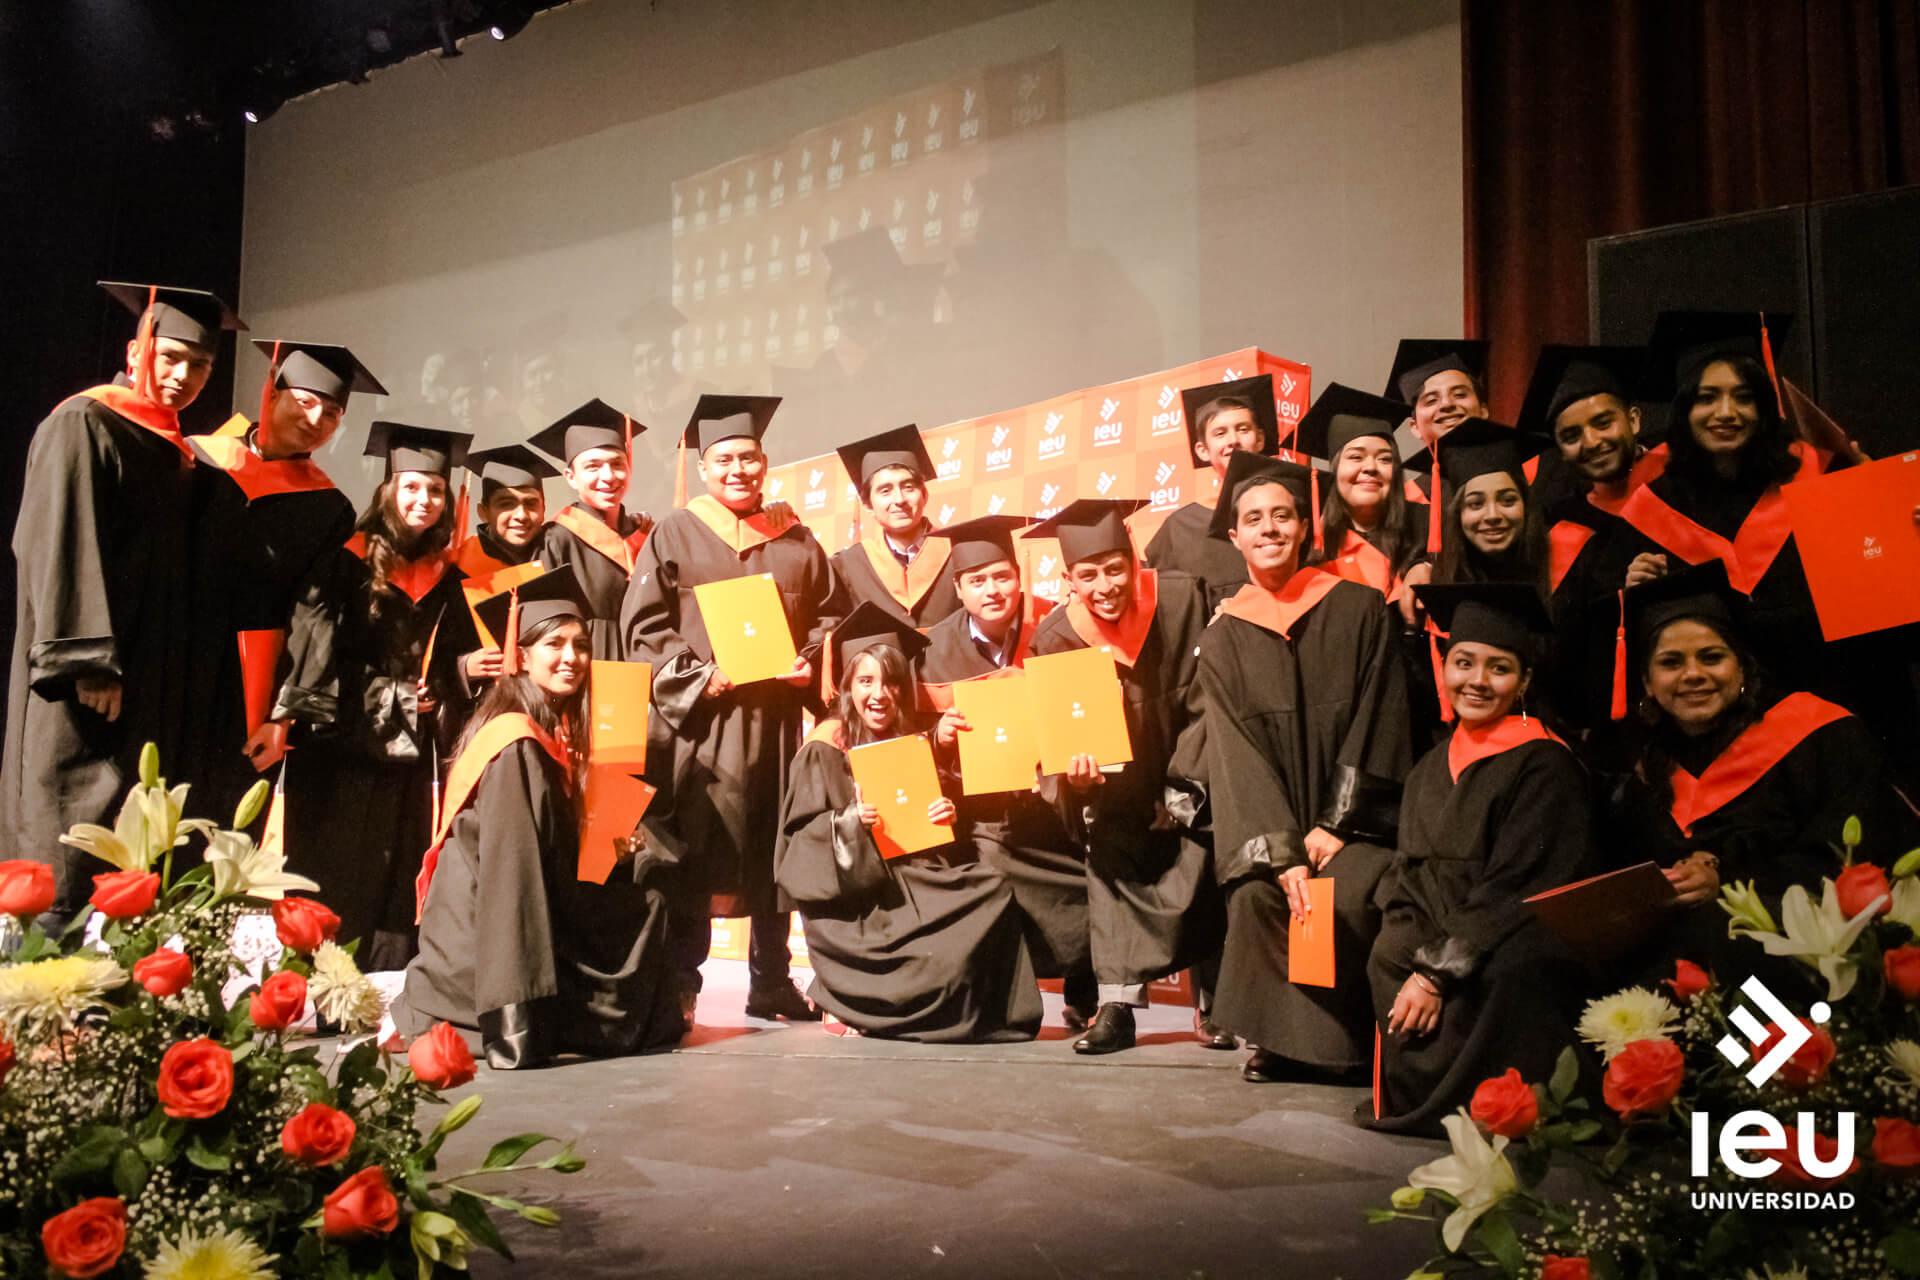 Universidad Ieu Graduacion 2019 12